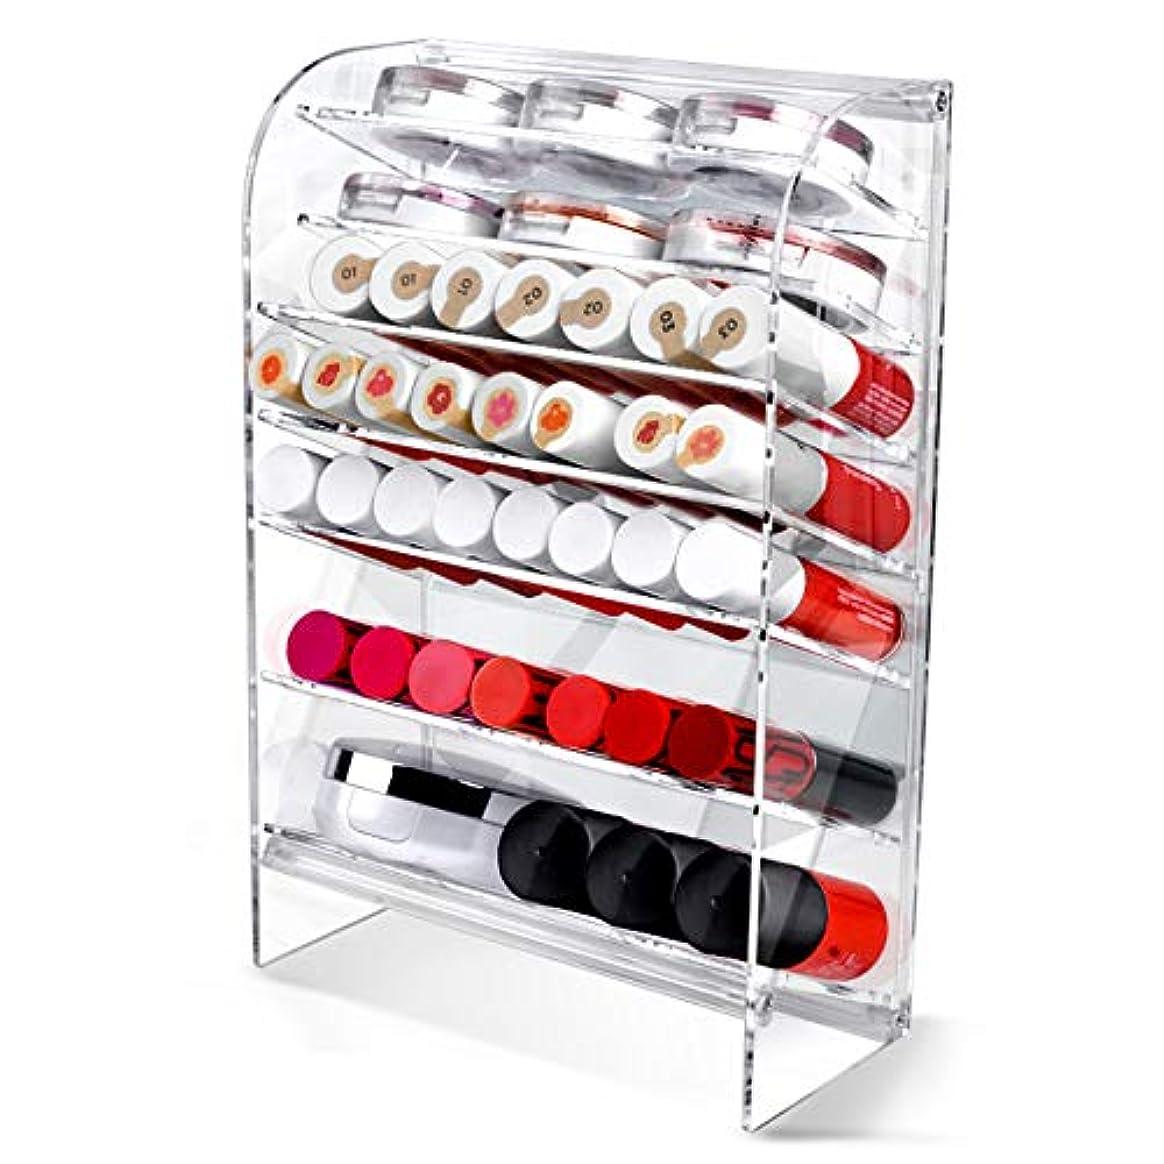 エレメンタル誘導比較Acrylic アクリル DIY Cosmetic 透明 コスメケース メイクケース メイクボックス 化粧品 入れ コスメ リップスティック 収納 スタンド/Organizer storage For lipstick...